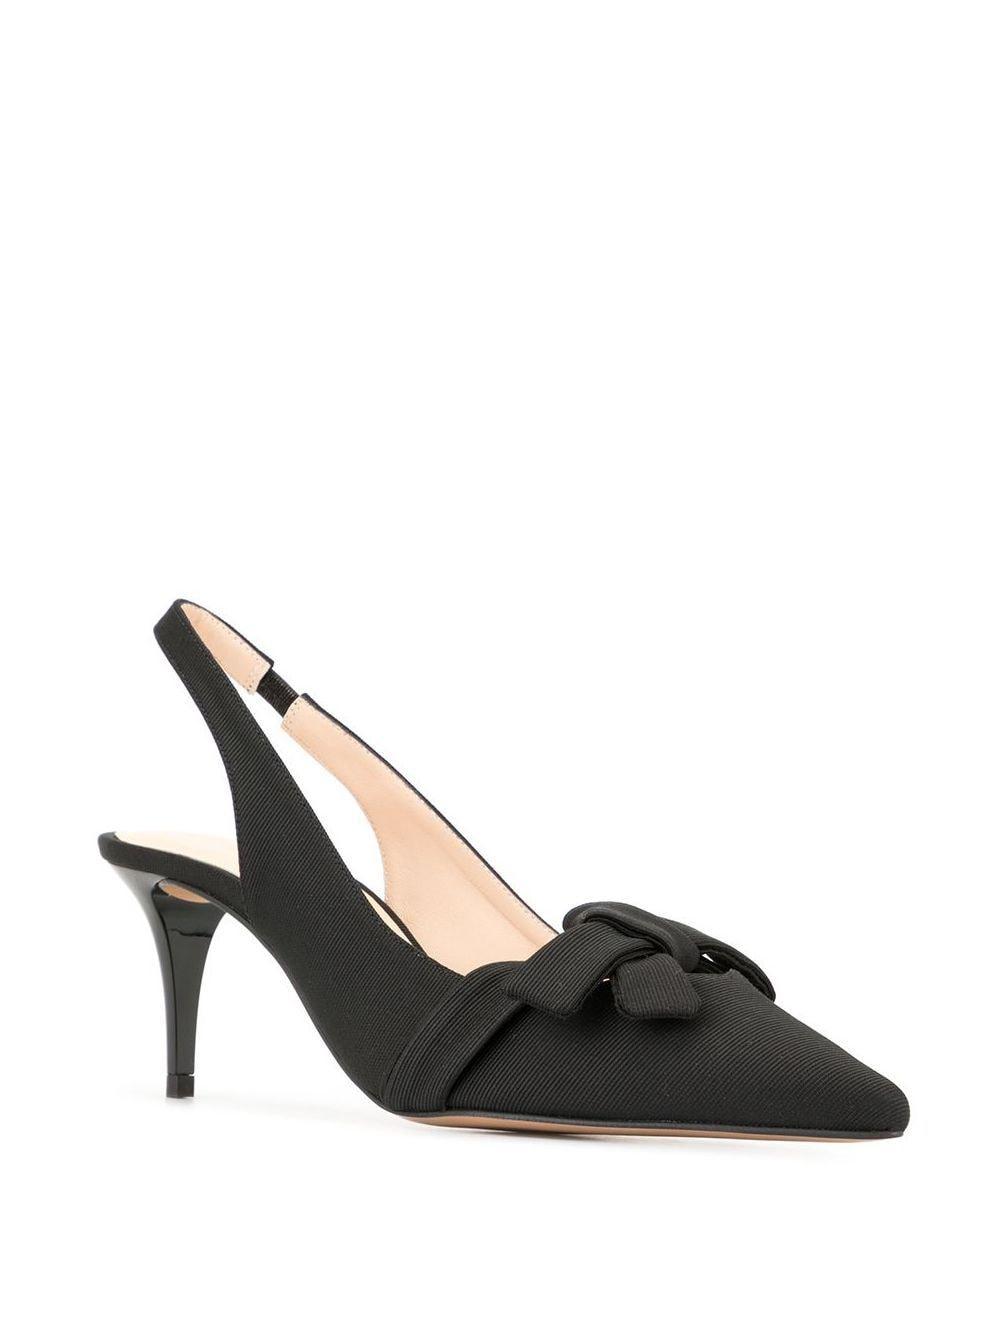 Zapatos de tacón con tira trasera y lazo Paule Ka de Tejido sintético de color Negro